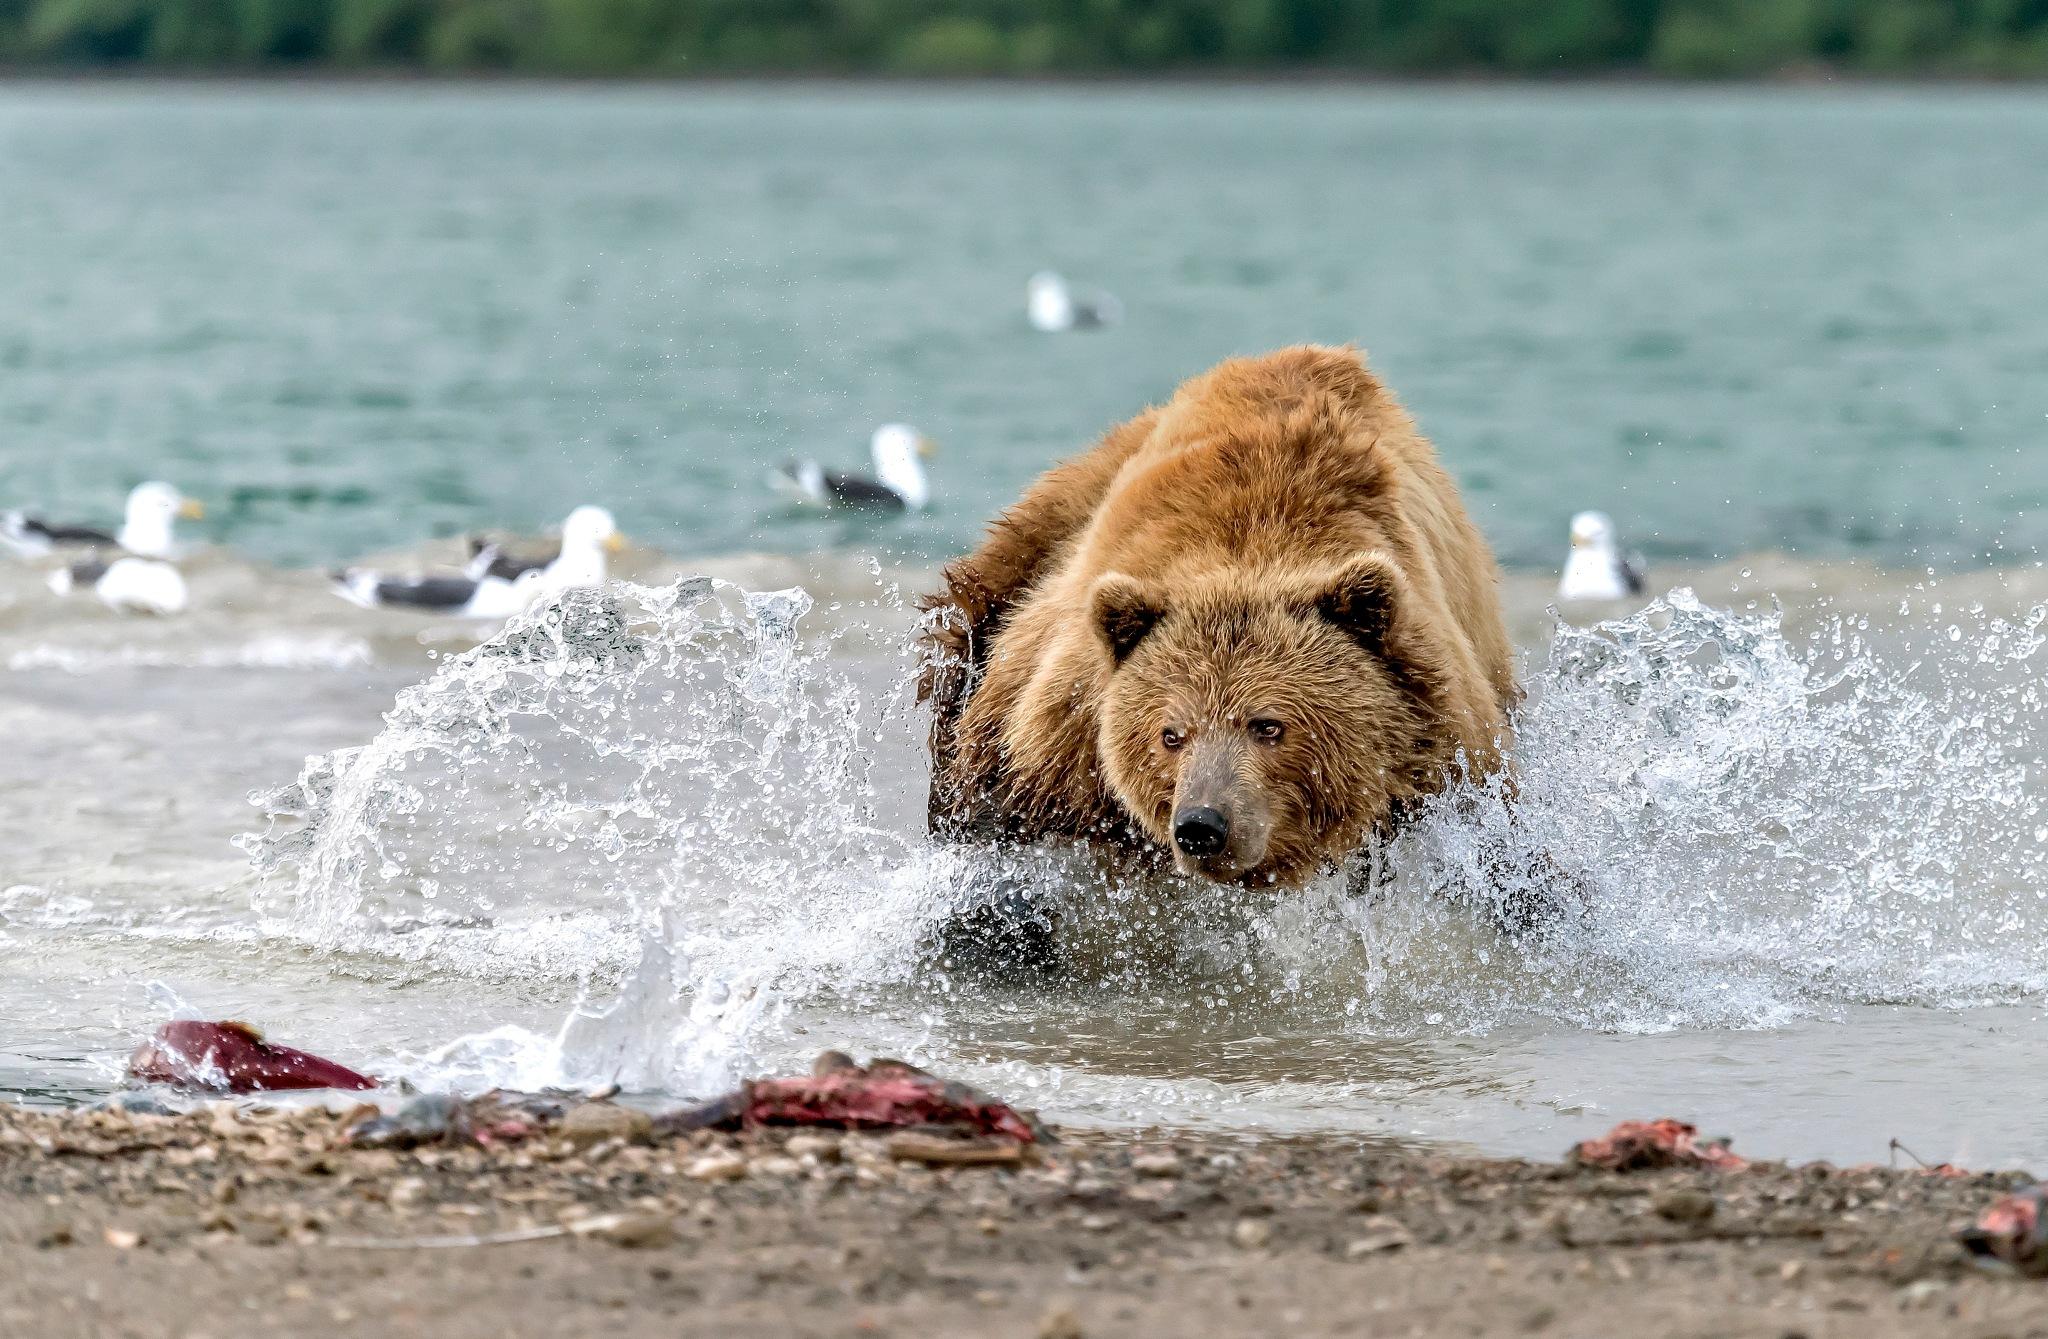 Careful on salmon by Giuseppe D'amico